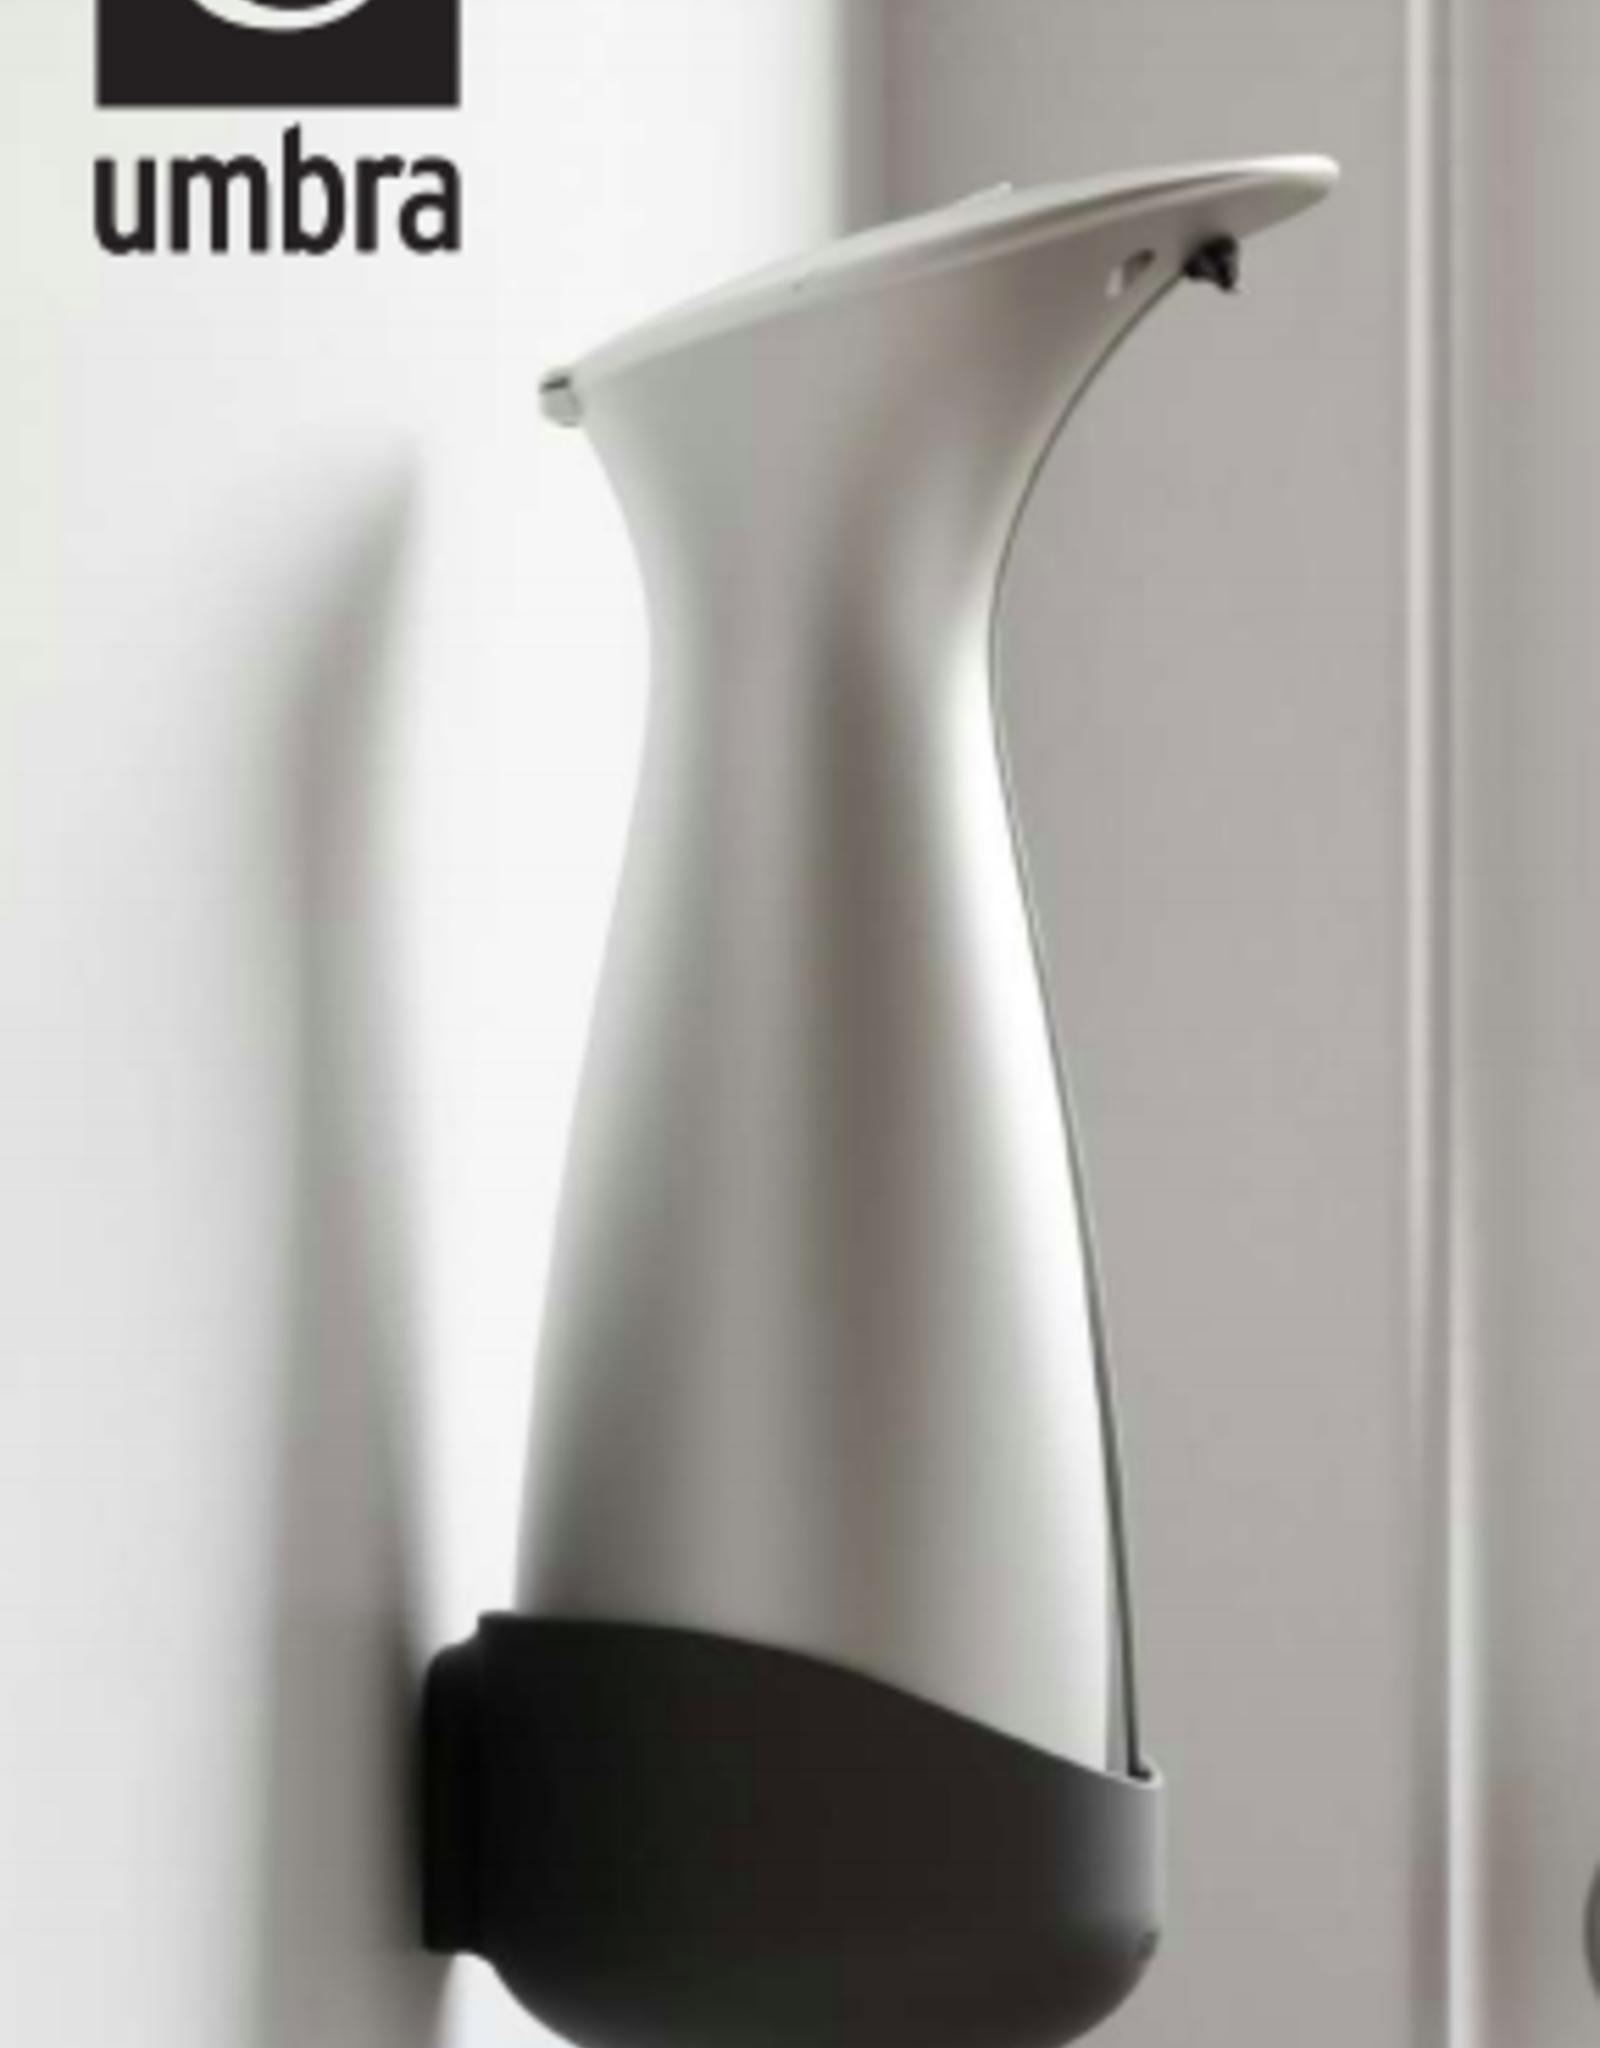 Umbra Umbra Otto Automatic 8.5oz Soap Dispenser